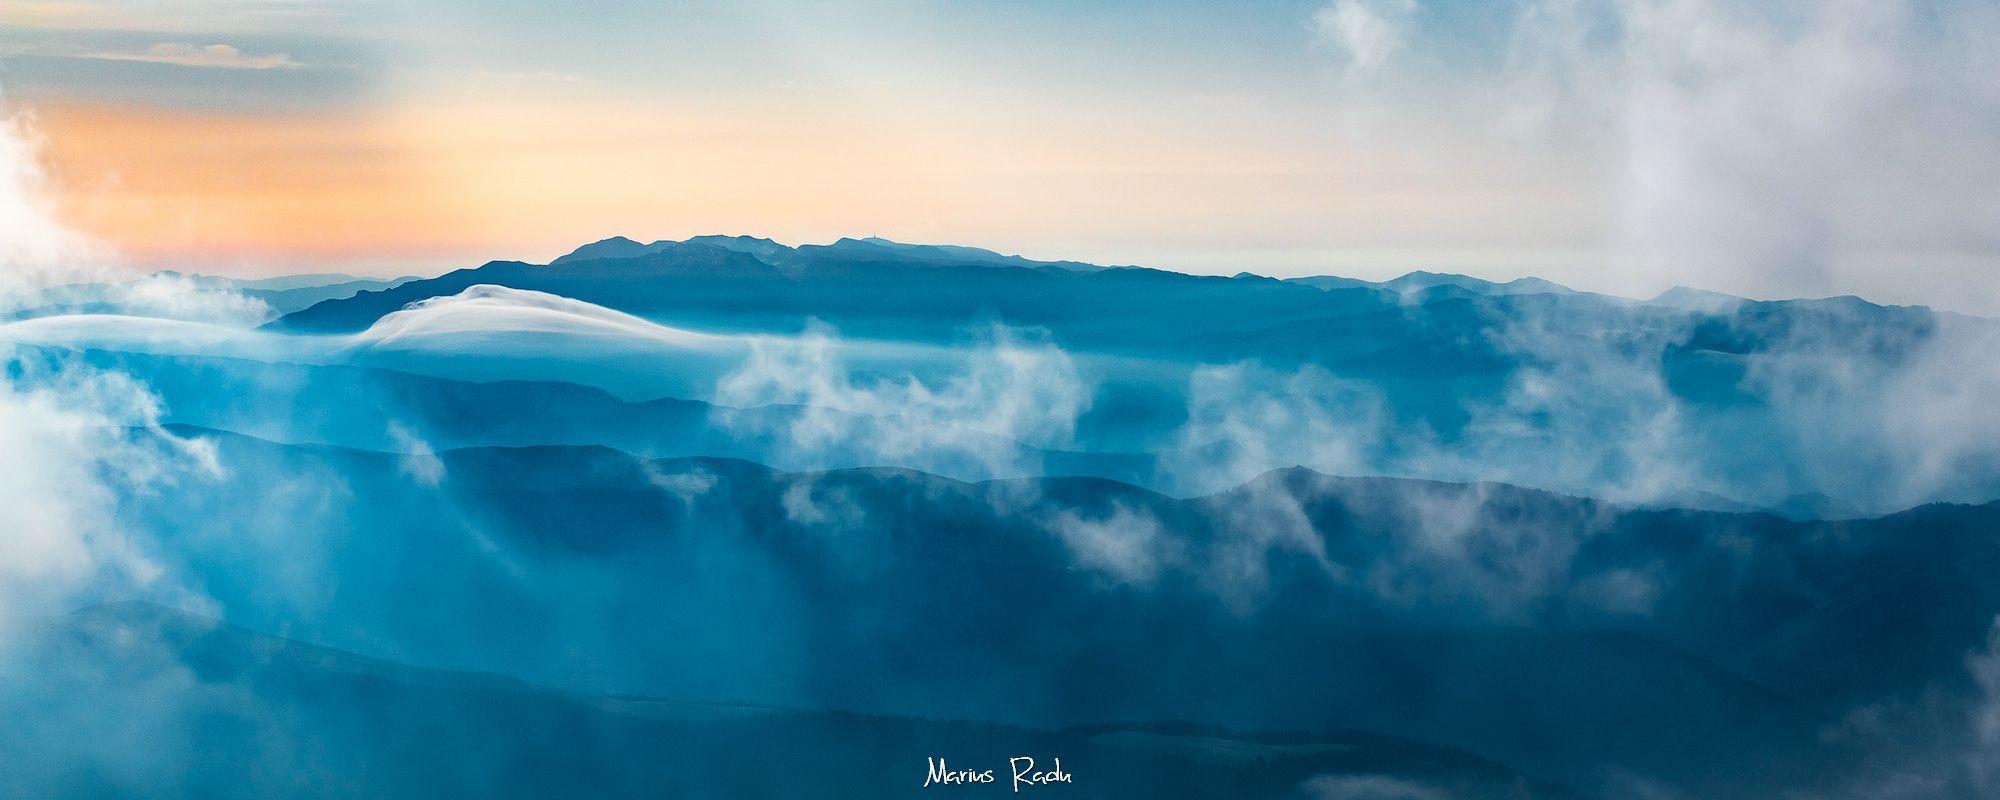 Misty fantasy